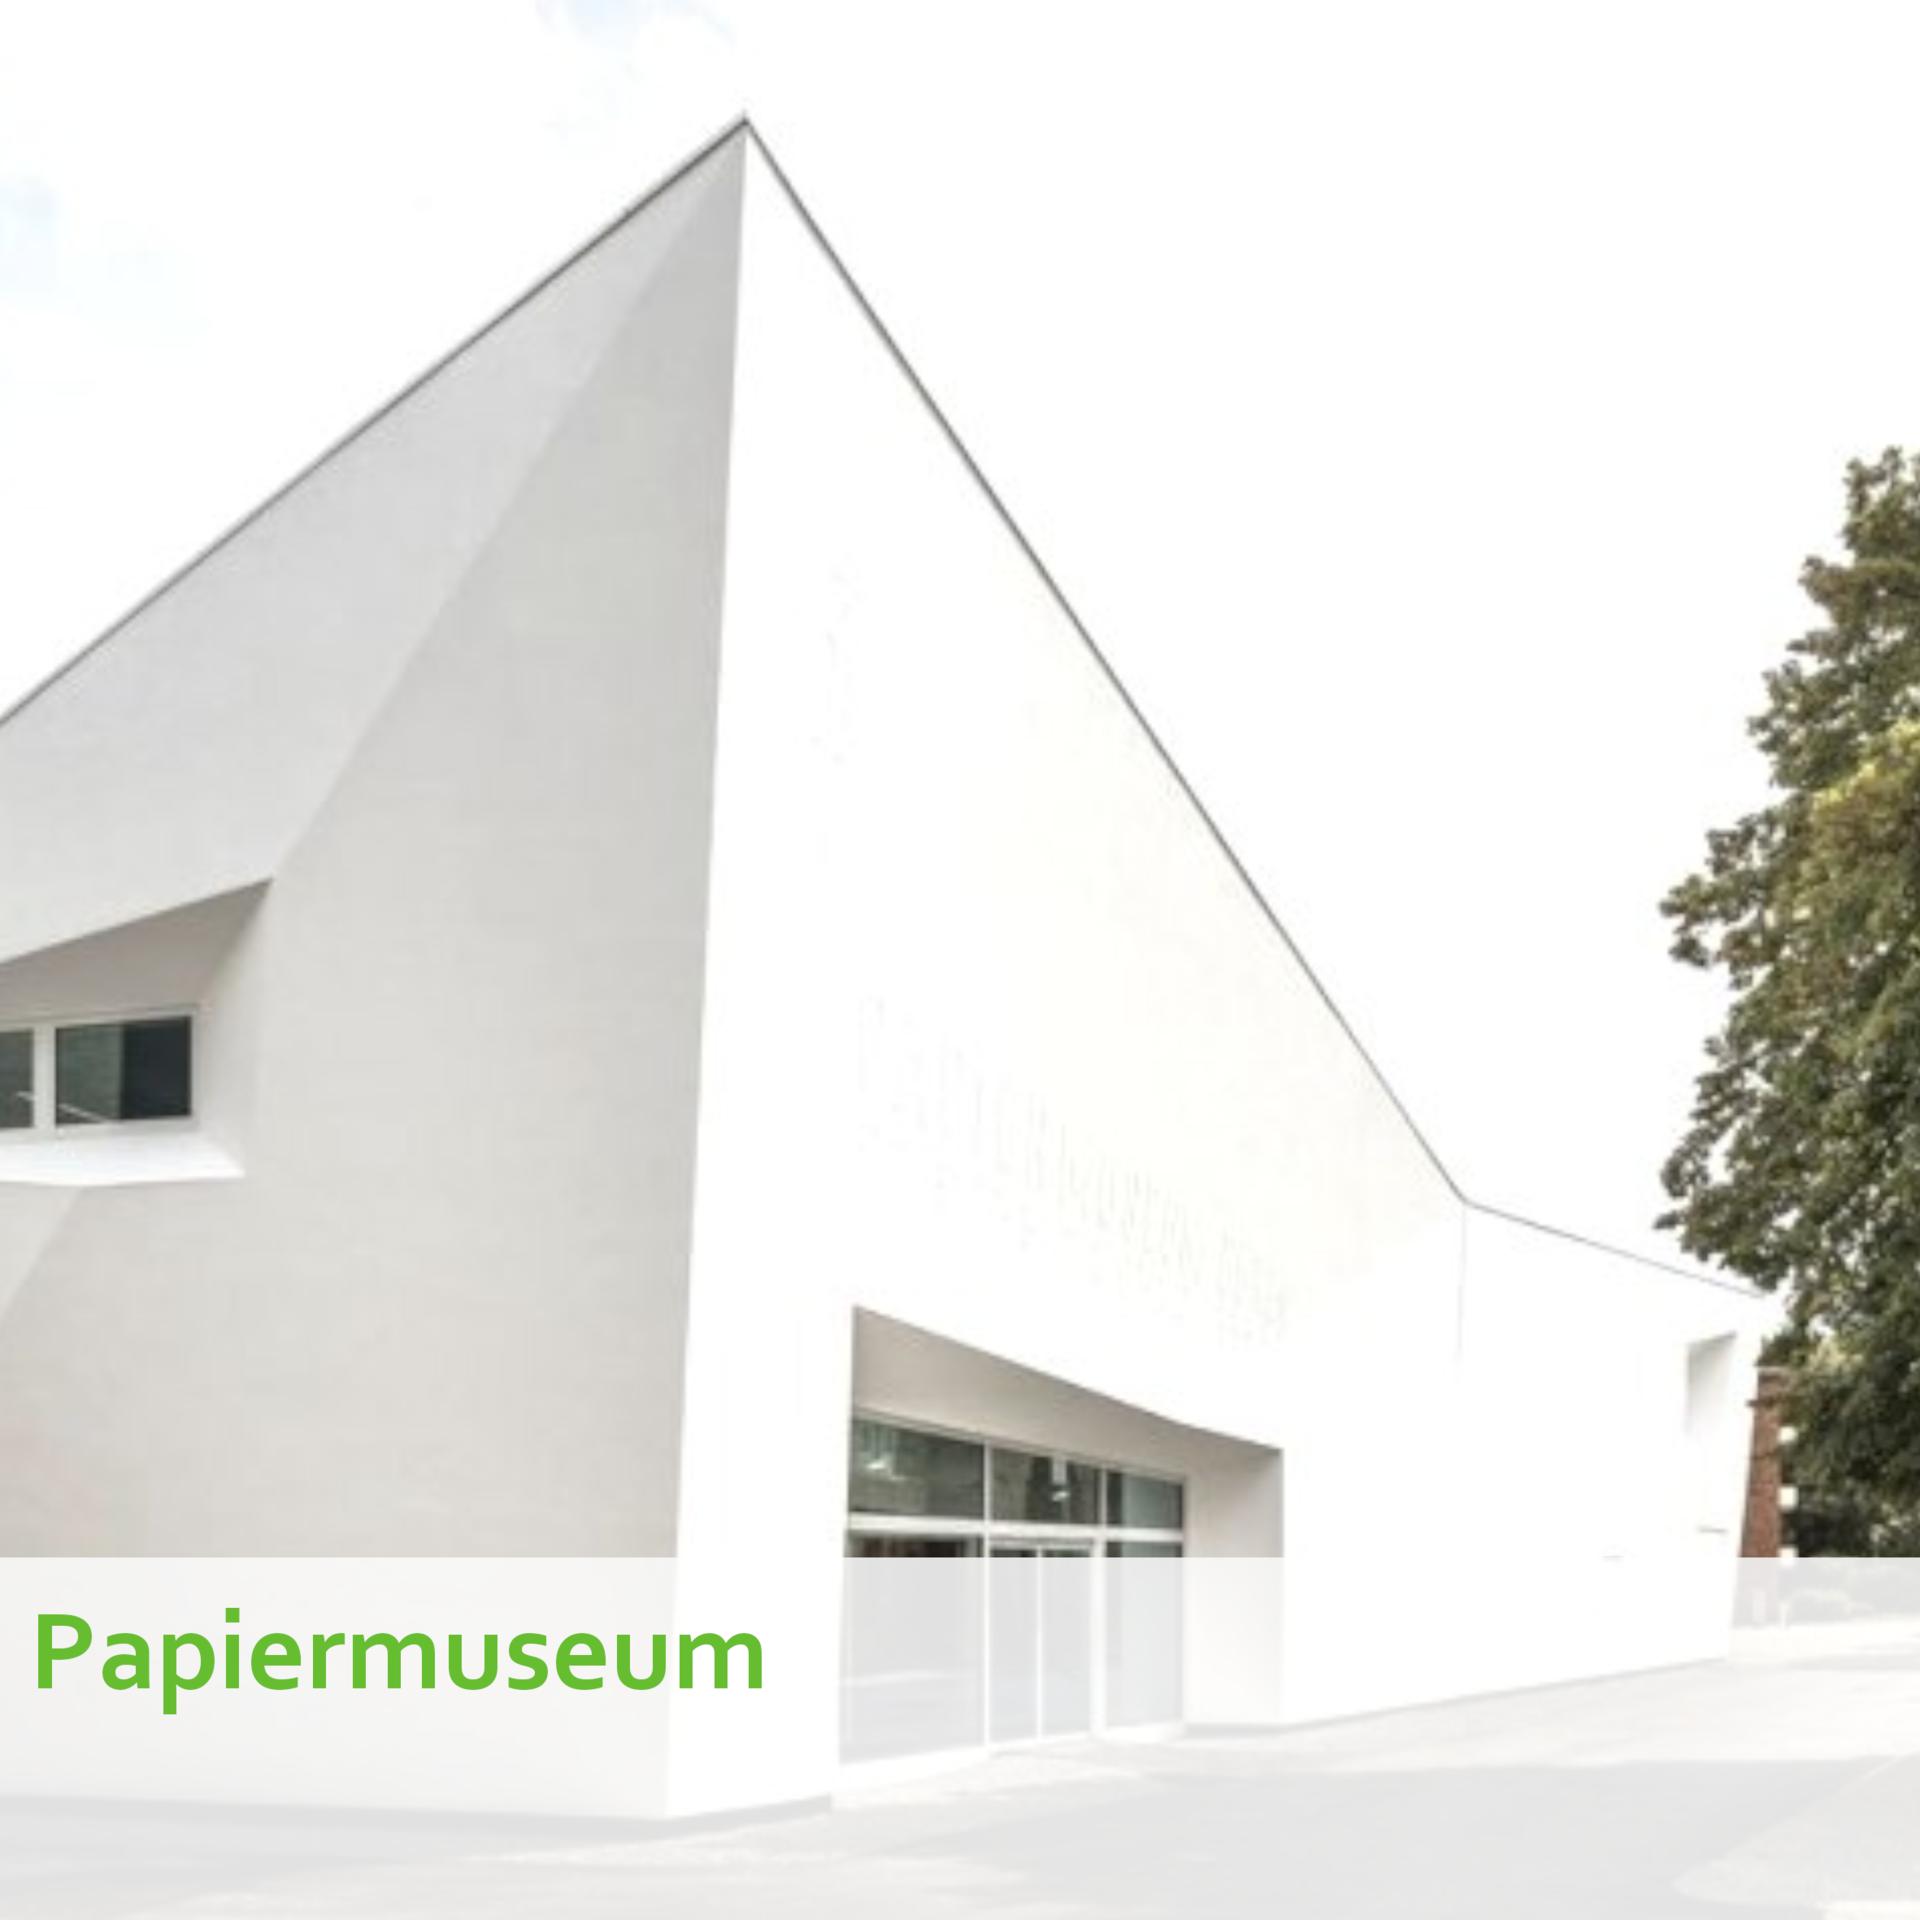 Papiermuseum